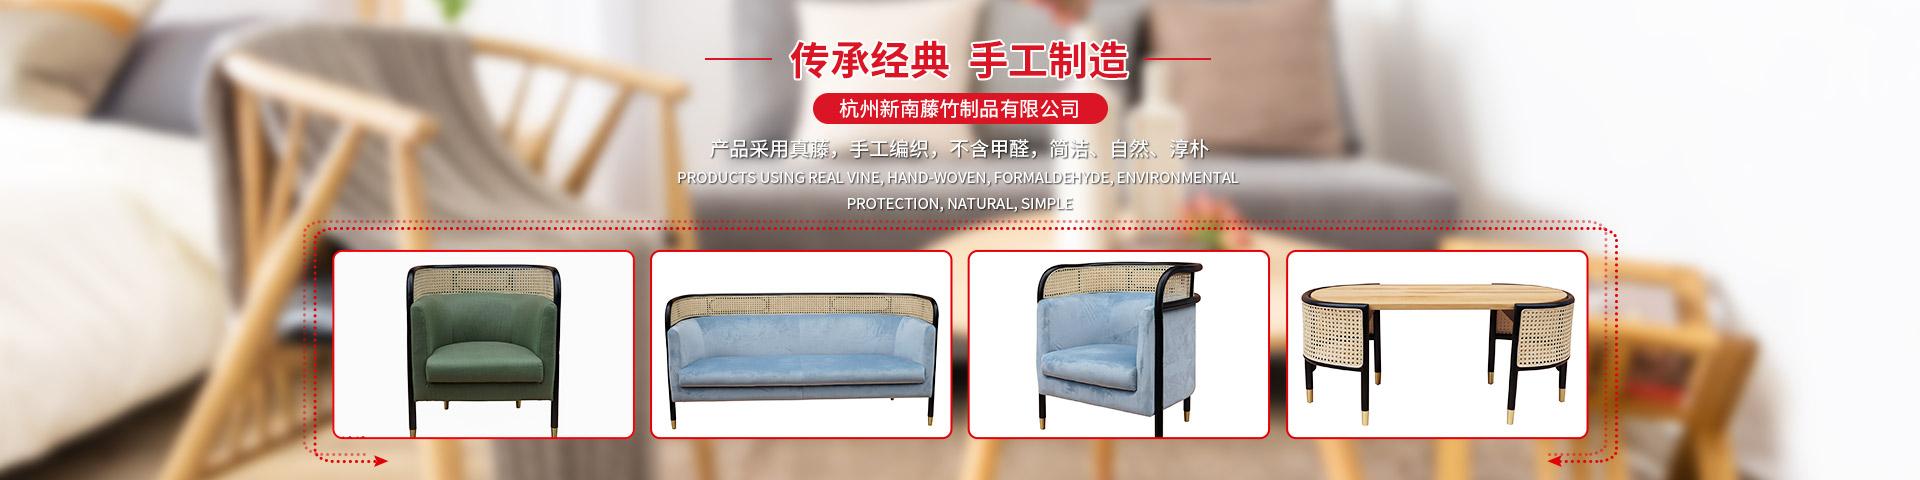 杭州caoliu最新製品有限公司